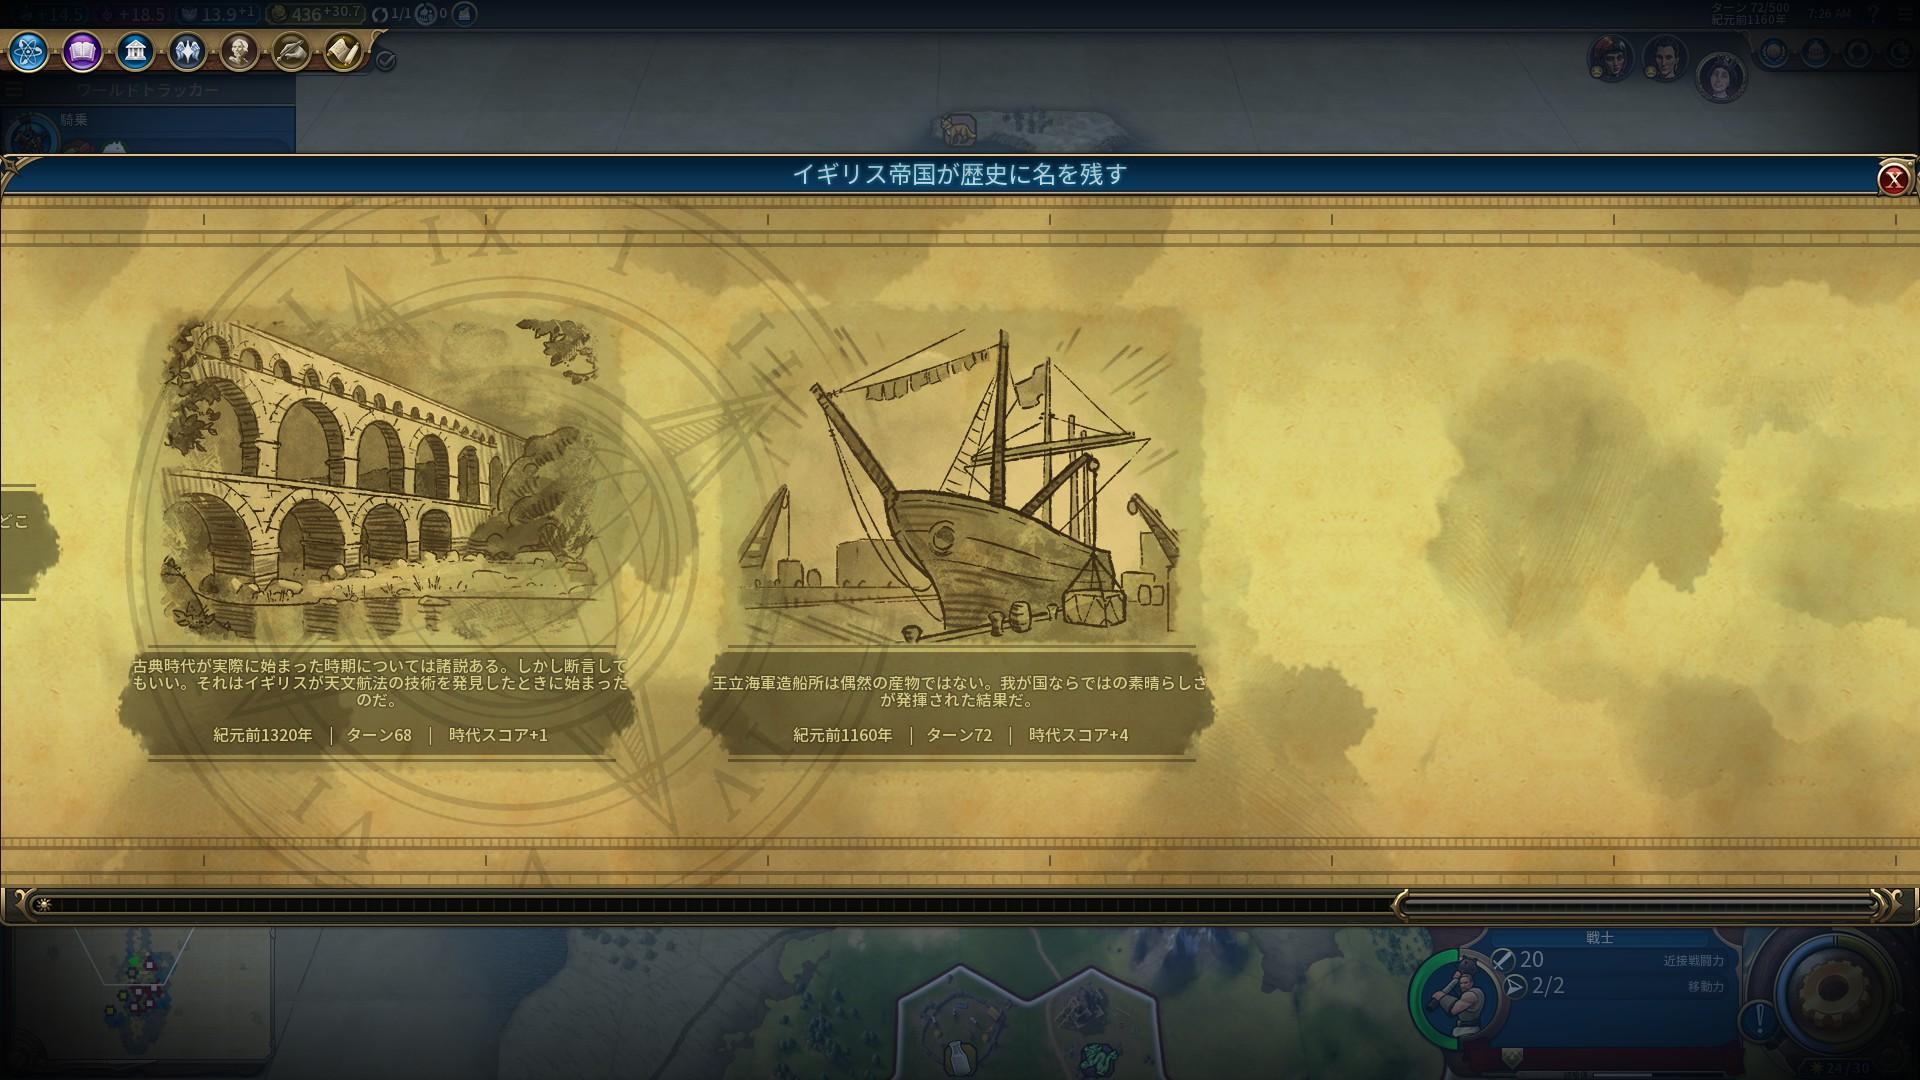 20.紀元前から続く海軍伝統.jpg